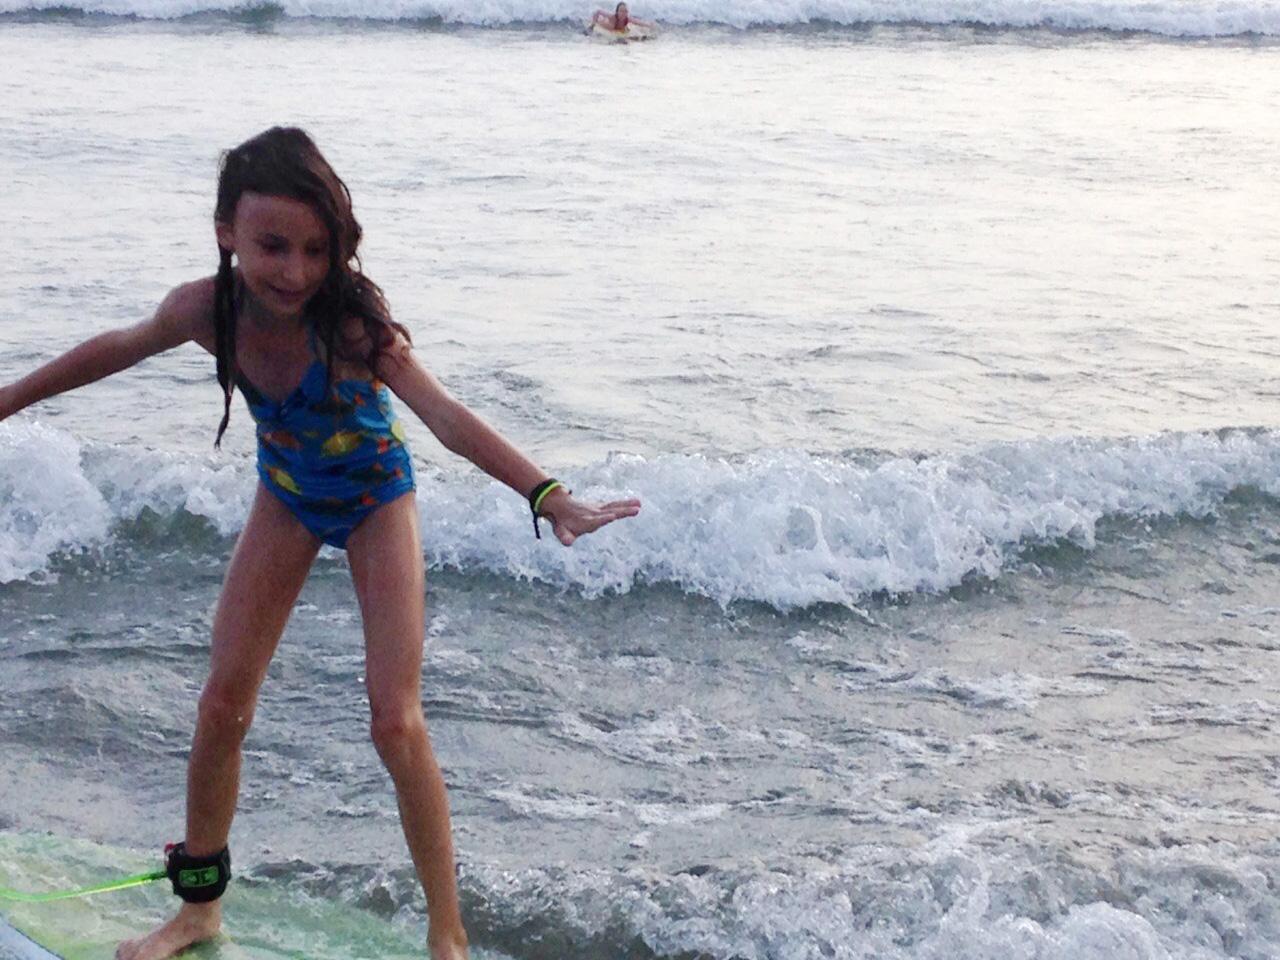 maddie fun surfing